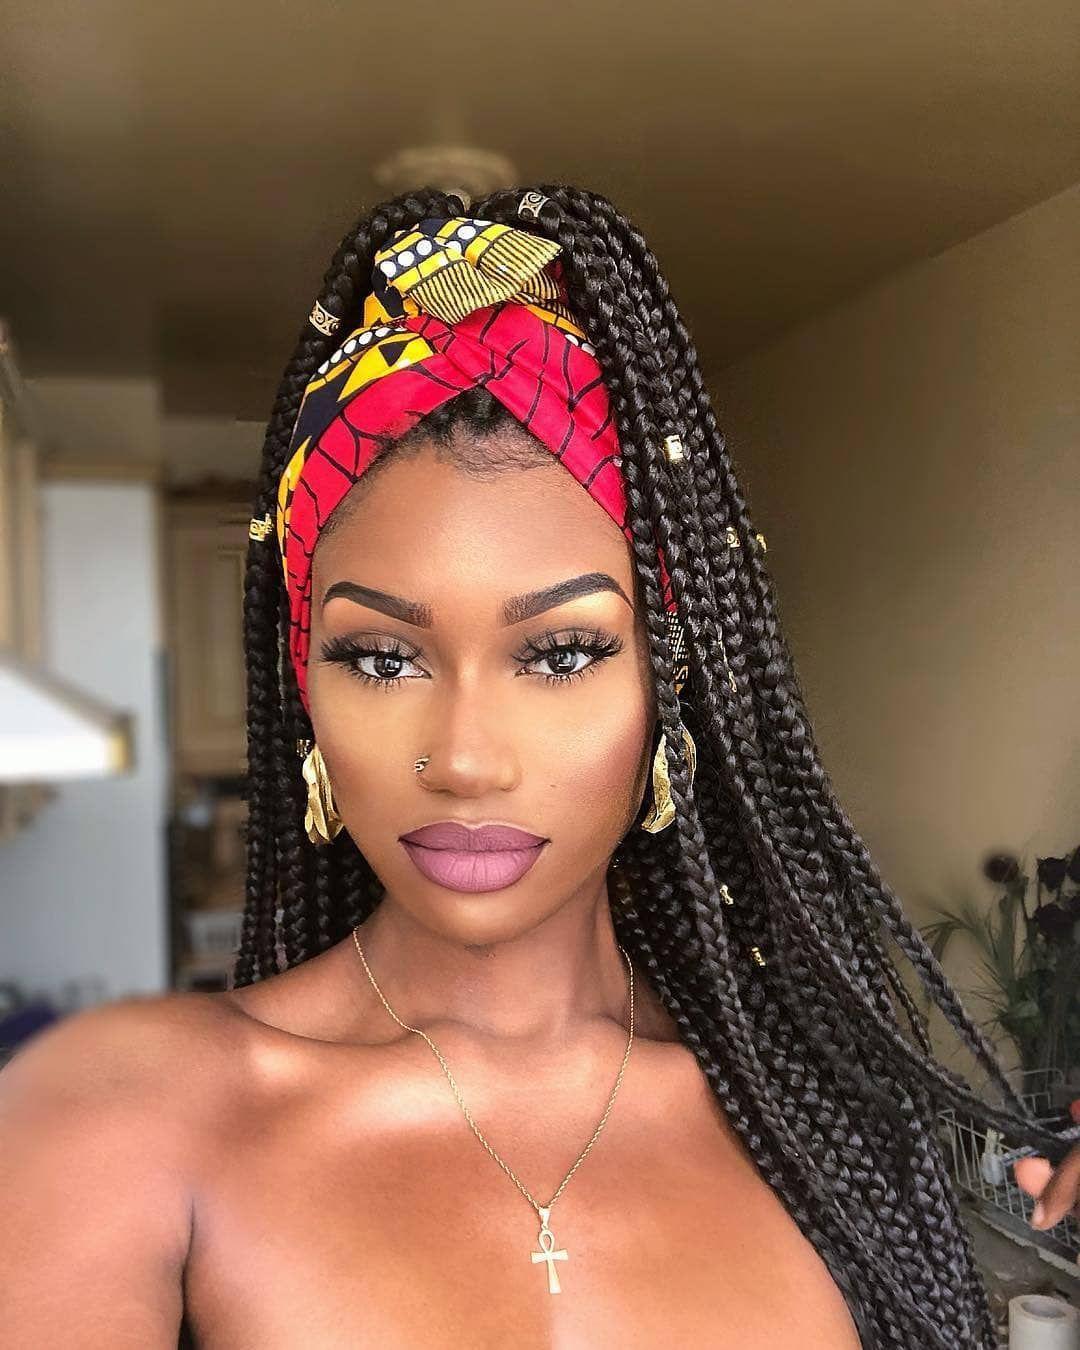 Africans Braids Designs On Instagram Yasss Braided Beauty Follow Africansbraid Longbraid Scarf Hairstyles Hair Styles Box Braids Hairstyles